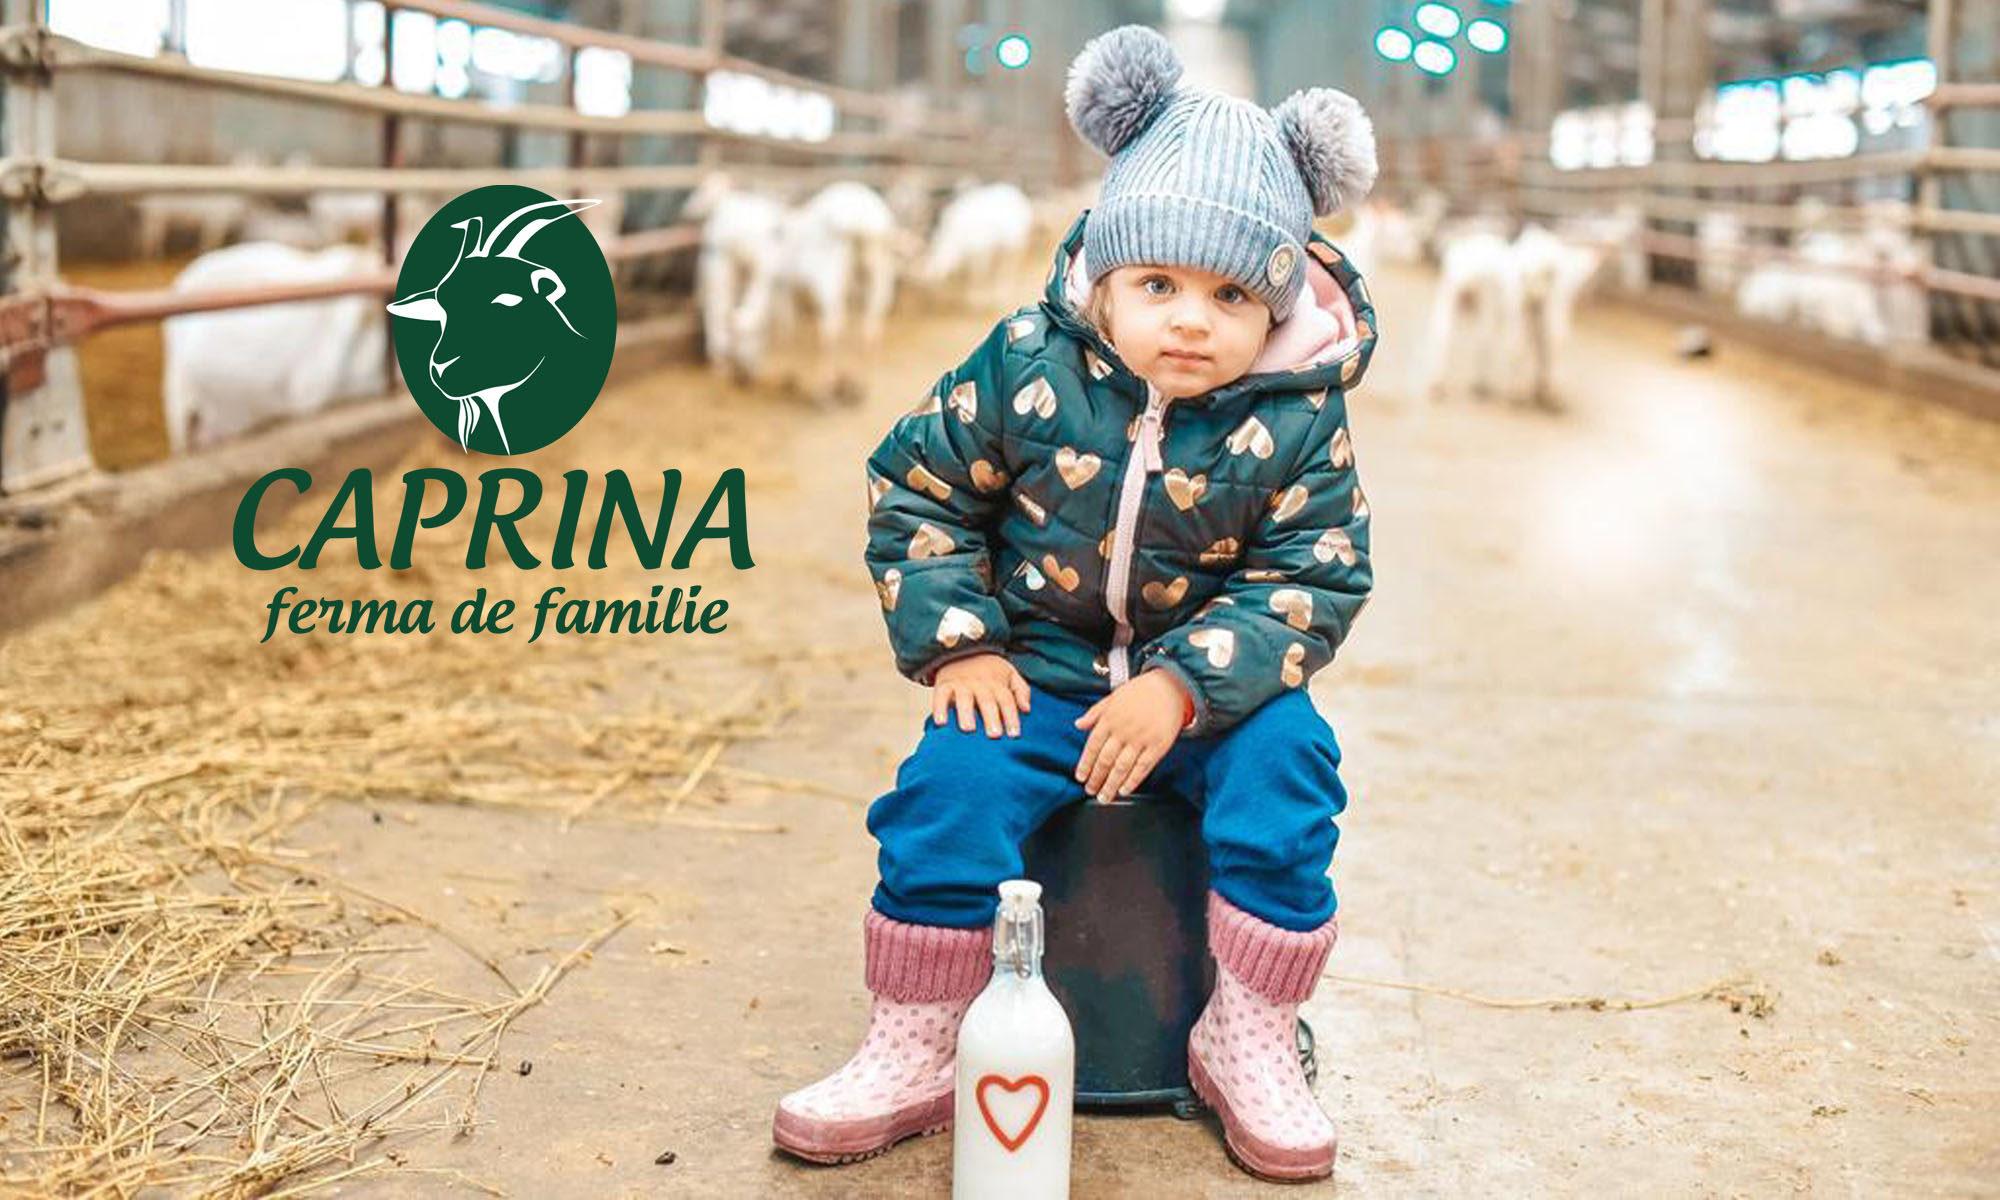 Caprina -  Ferma de familie